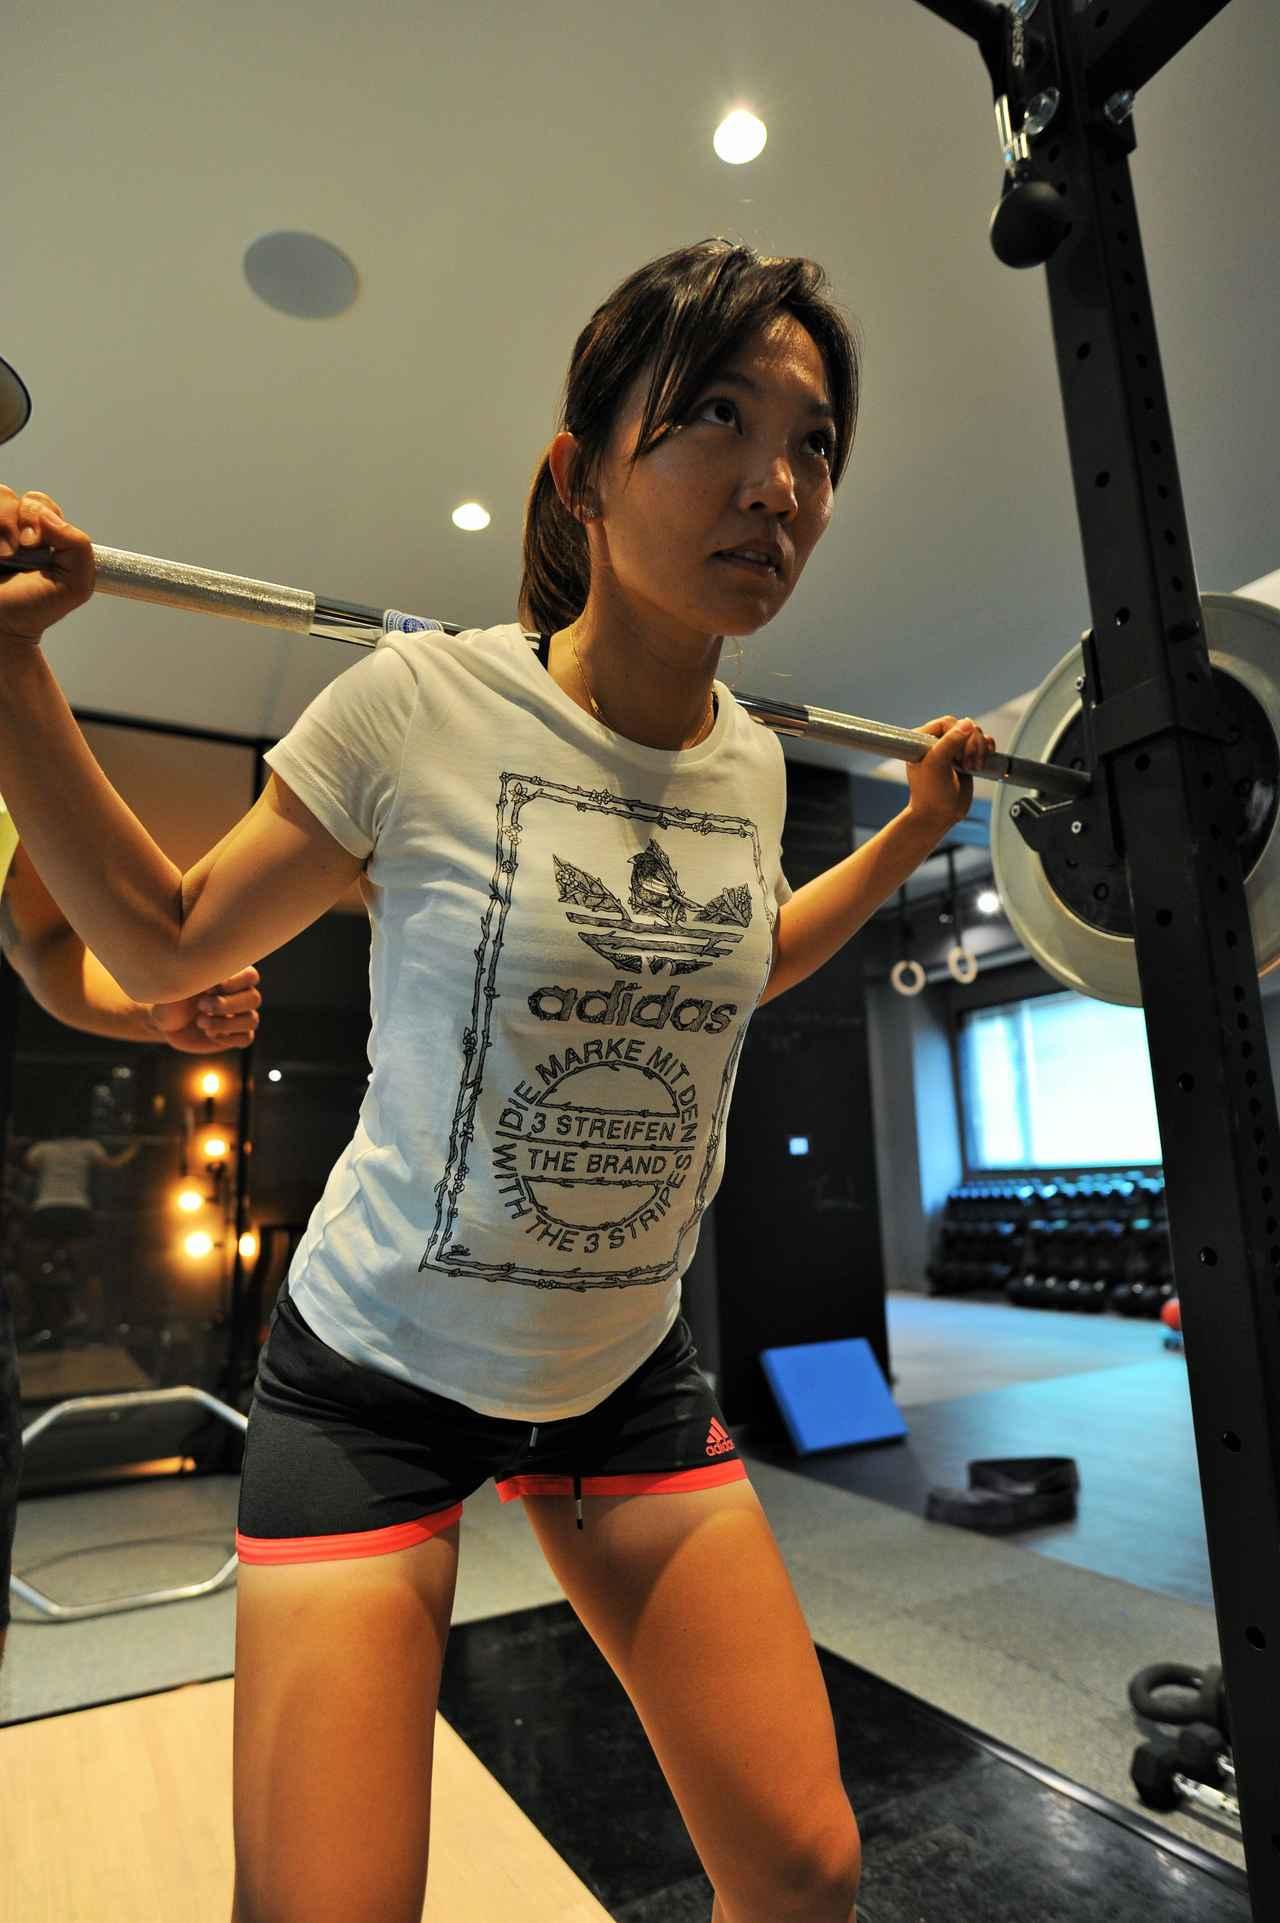 画像: ジムで鍛えることで体力面だけでなく精神面も鍛えることができると、テレサ・ルーは話す